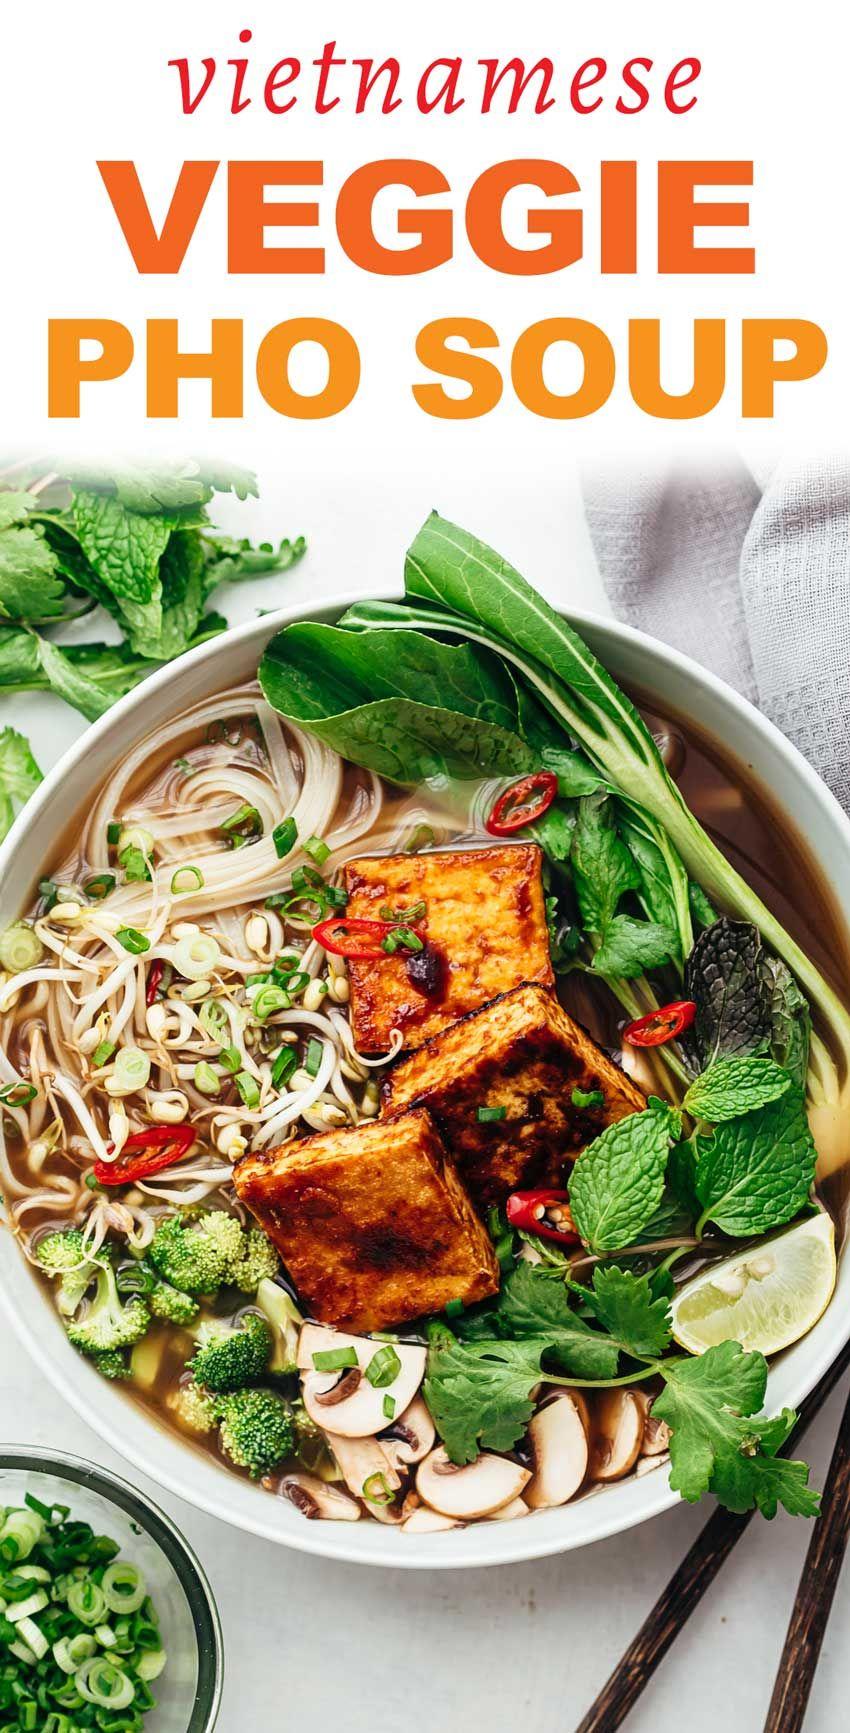 Vegetarian Pho Soup Vietnamese Noodle Soup Recipe In 2020 Pho Soup Vegetarian Pho Veggie Pho